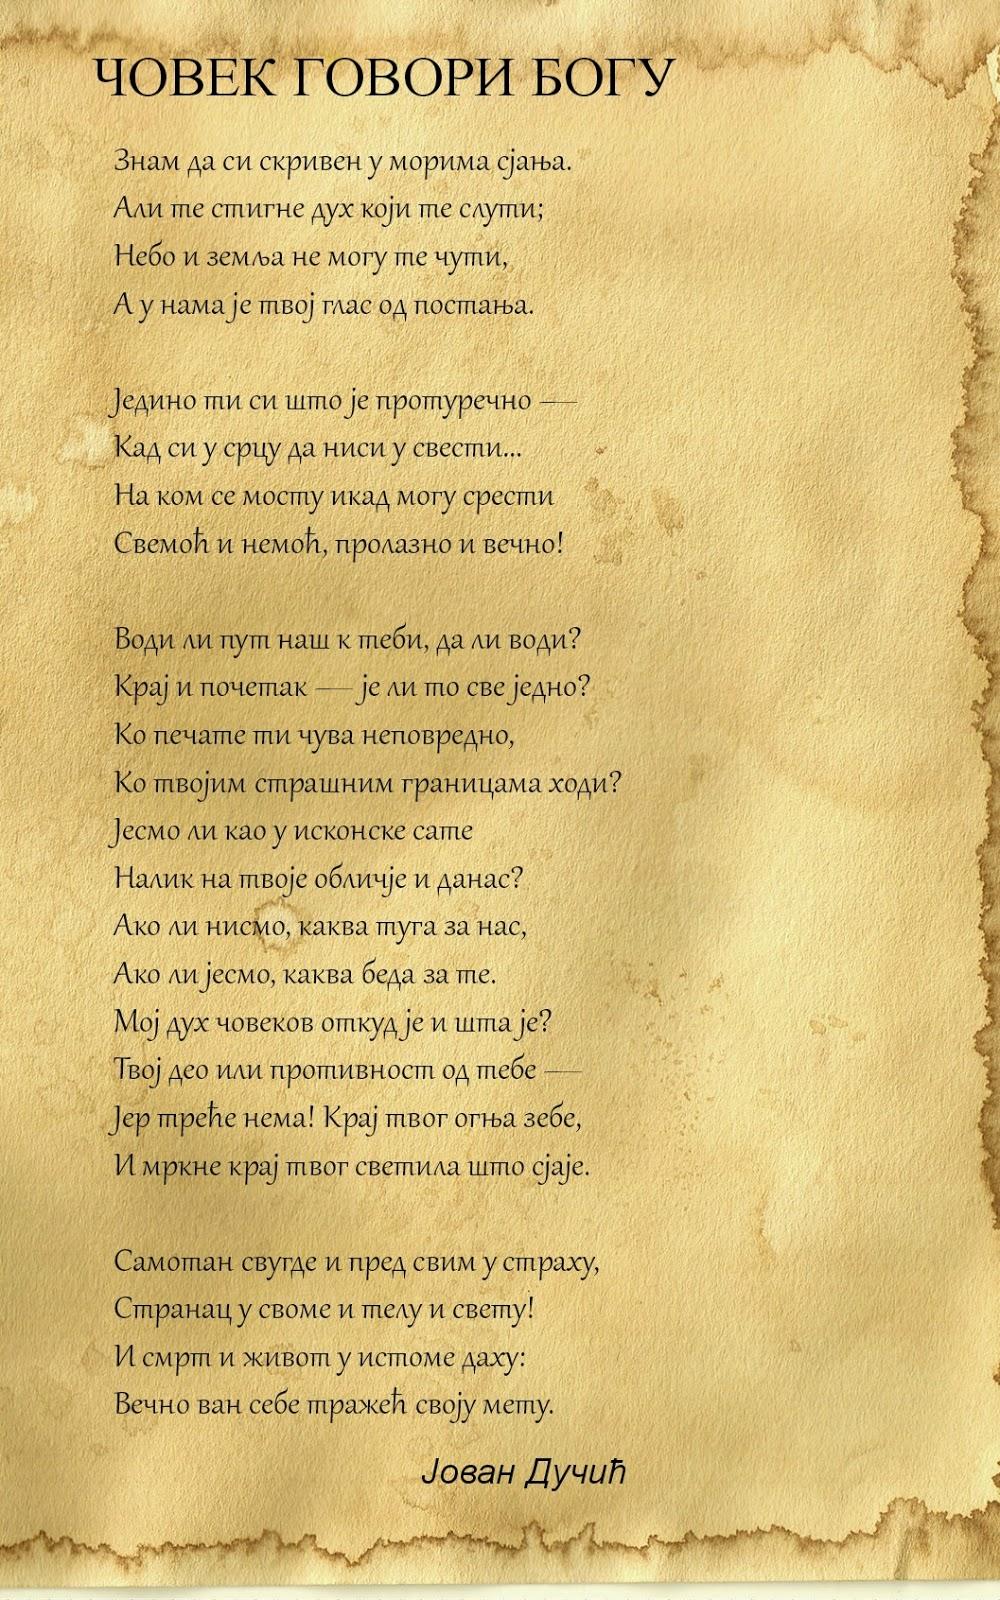 Jovan Ducic Pesme - Covek govori Bogu